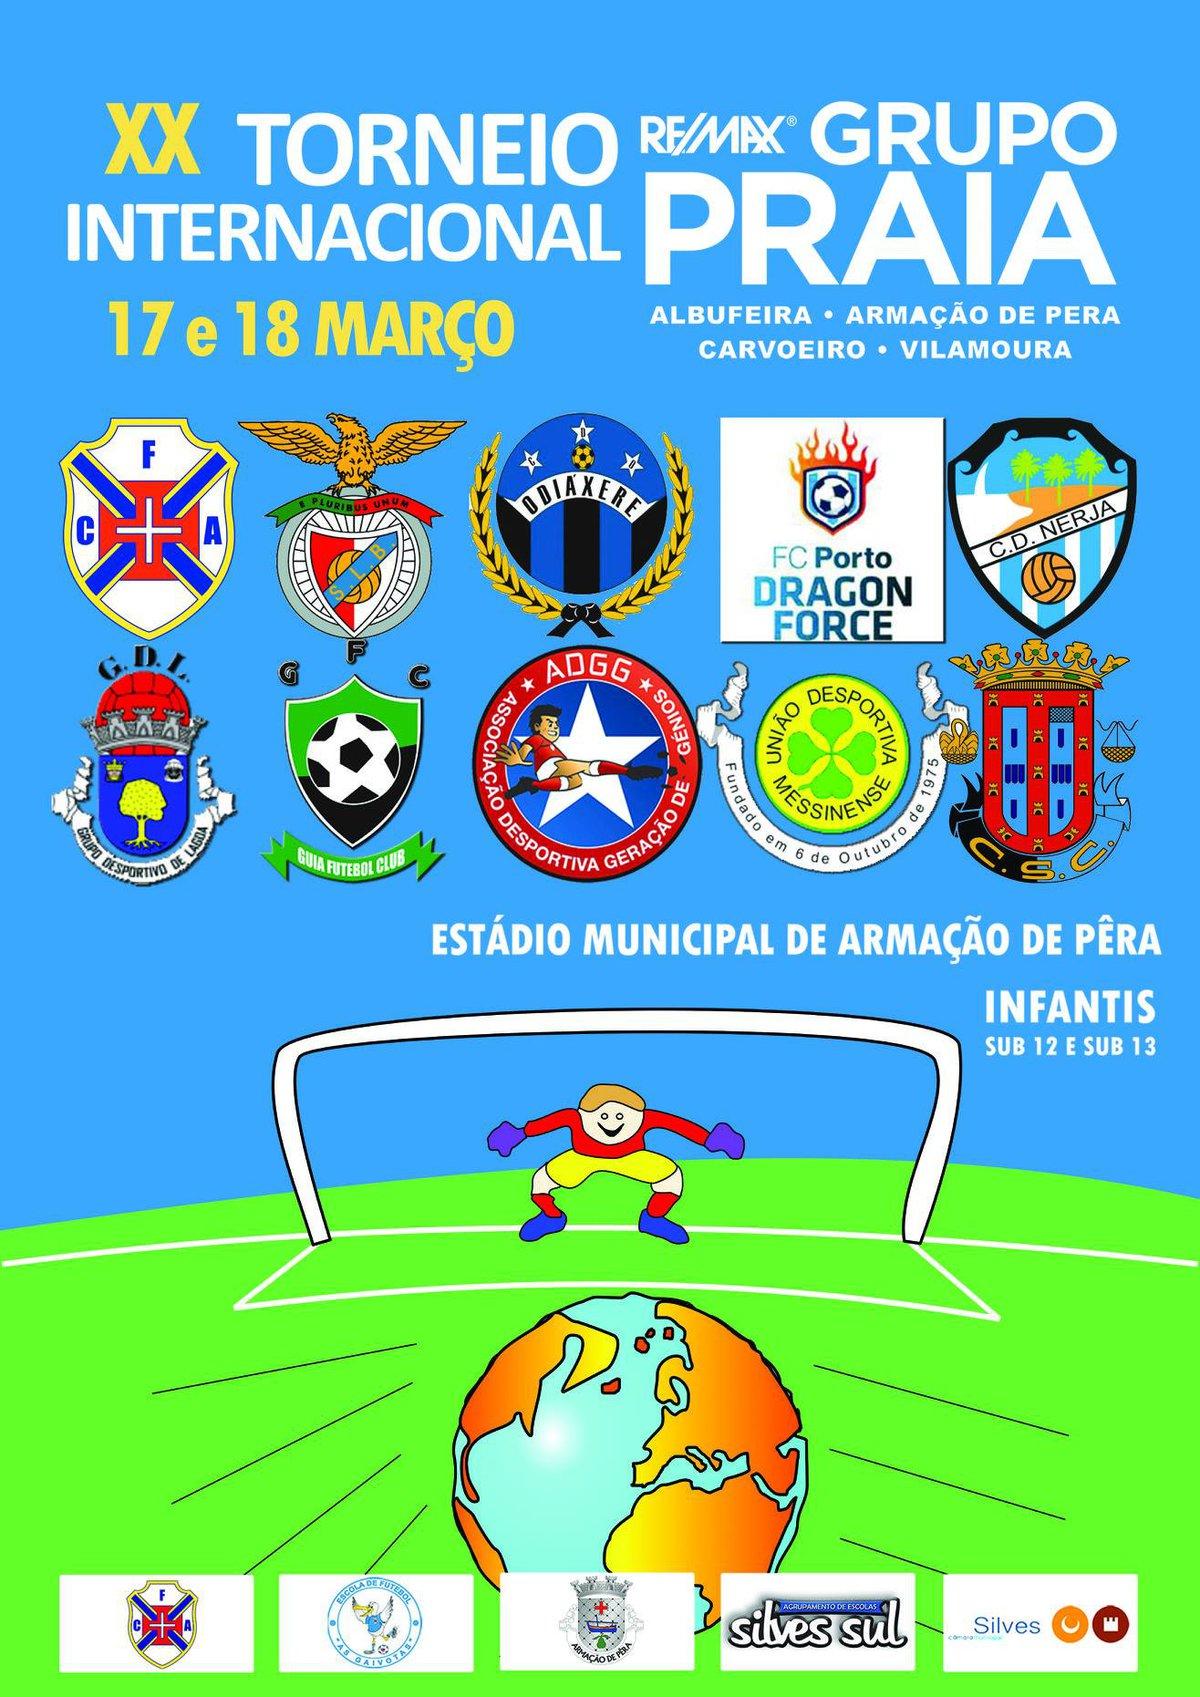 XX Torneio Internacional